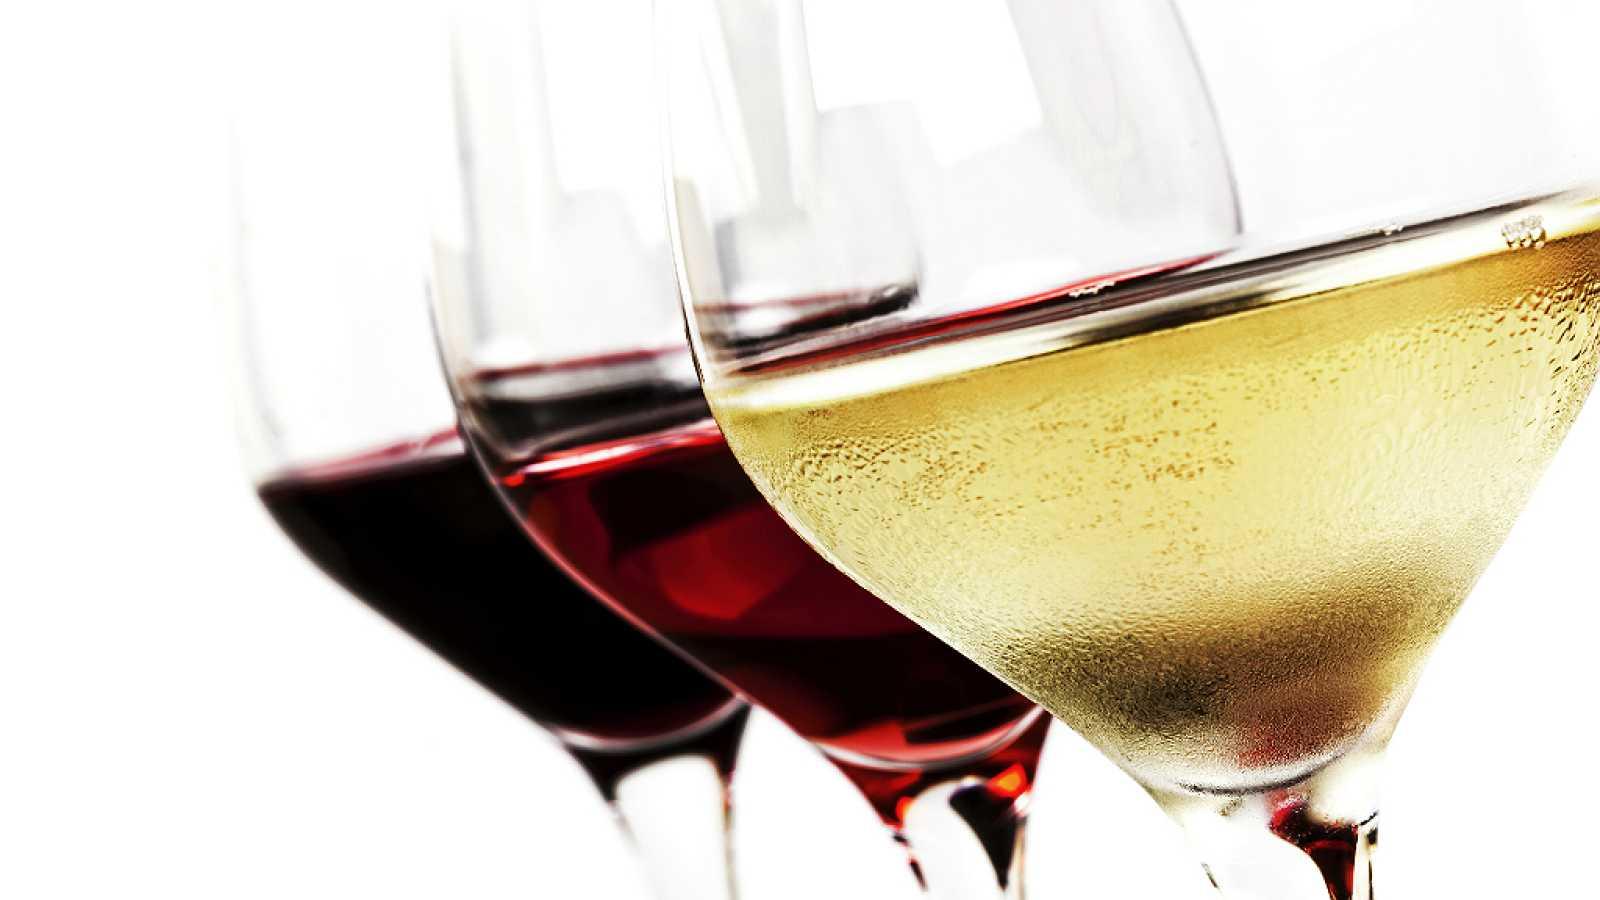 España vuelta y vuelta - Una copa de buen vino español en buena compañía - 17/04/18 - Escuchar ahora